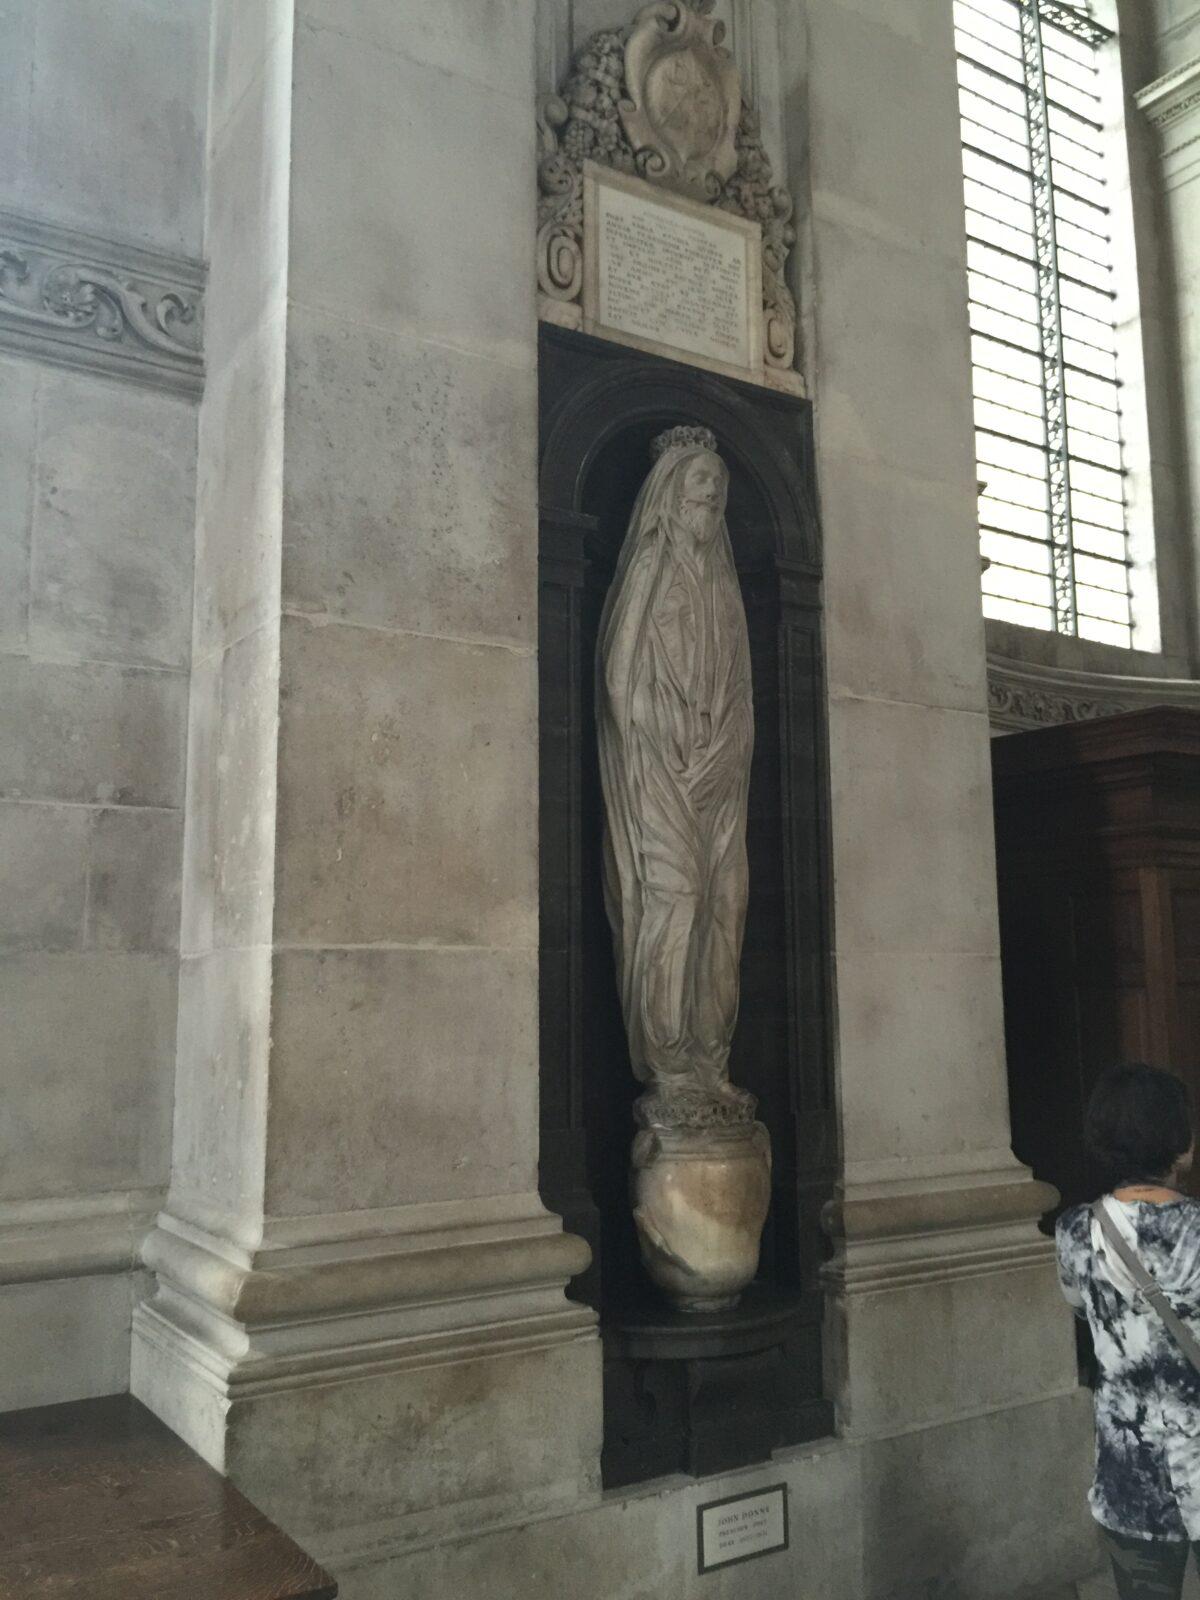 John_Donne_sculpture_St._Paul's